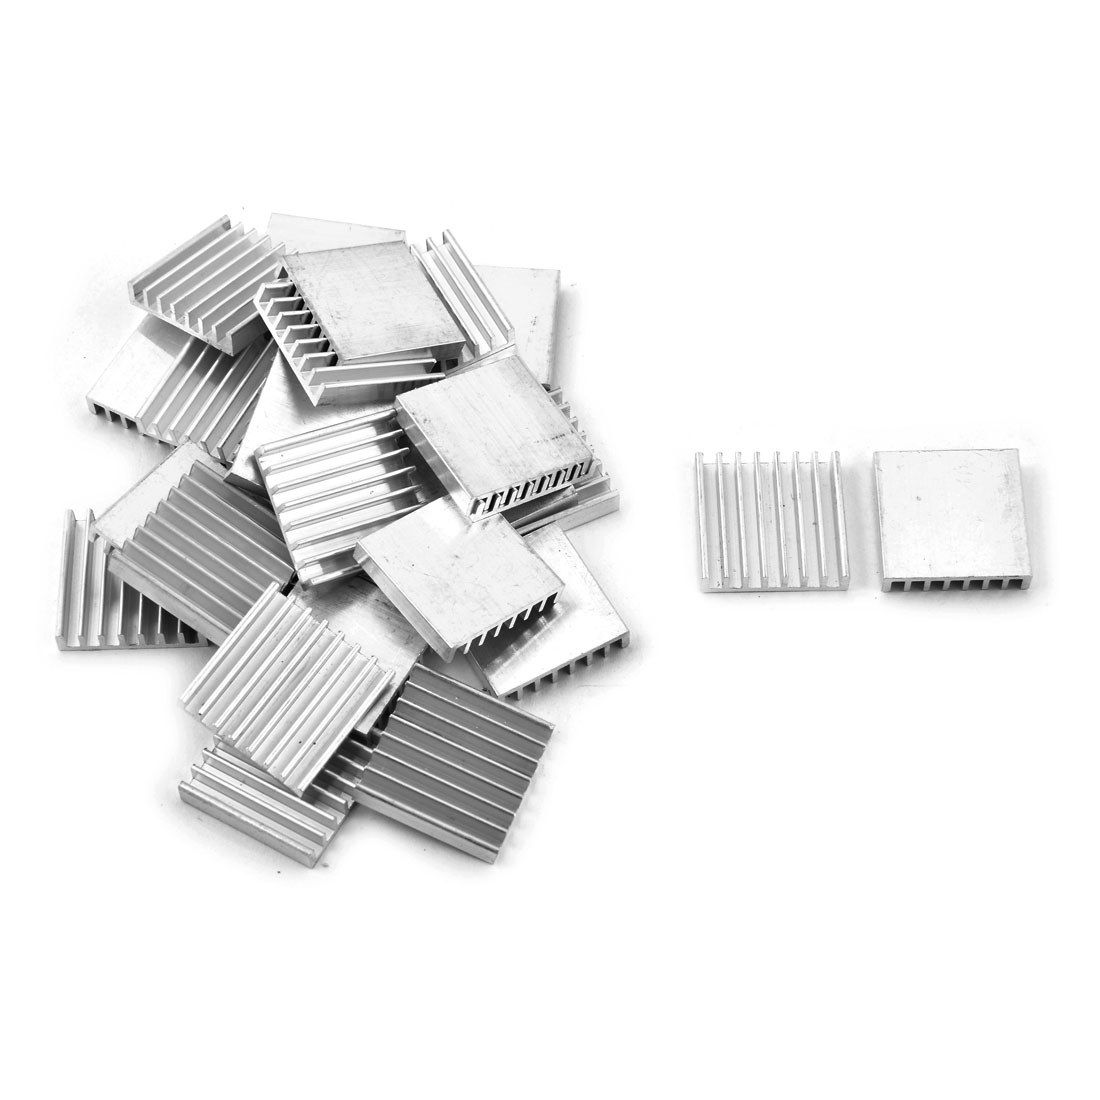 Aluminium Heat Diffuse Cooling Fin Cooler Silver Tone 25mm x 25mm x 5mm 28 Pcs